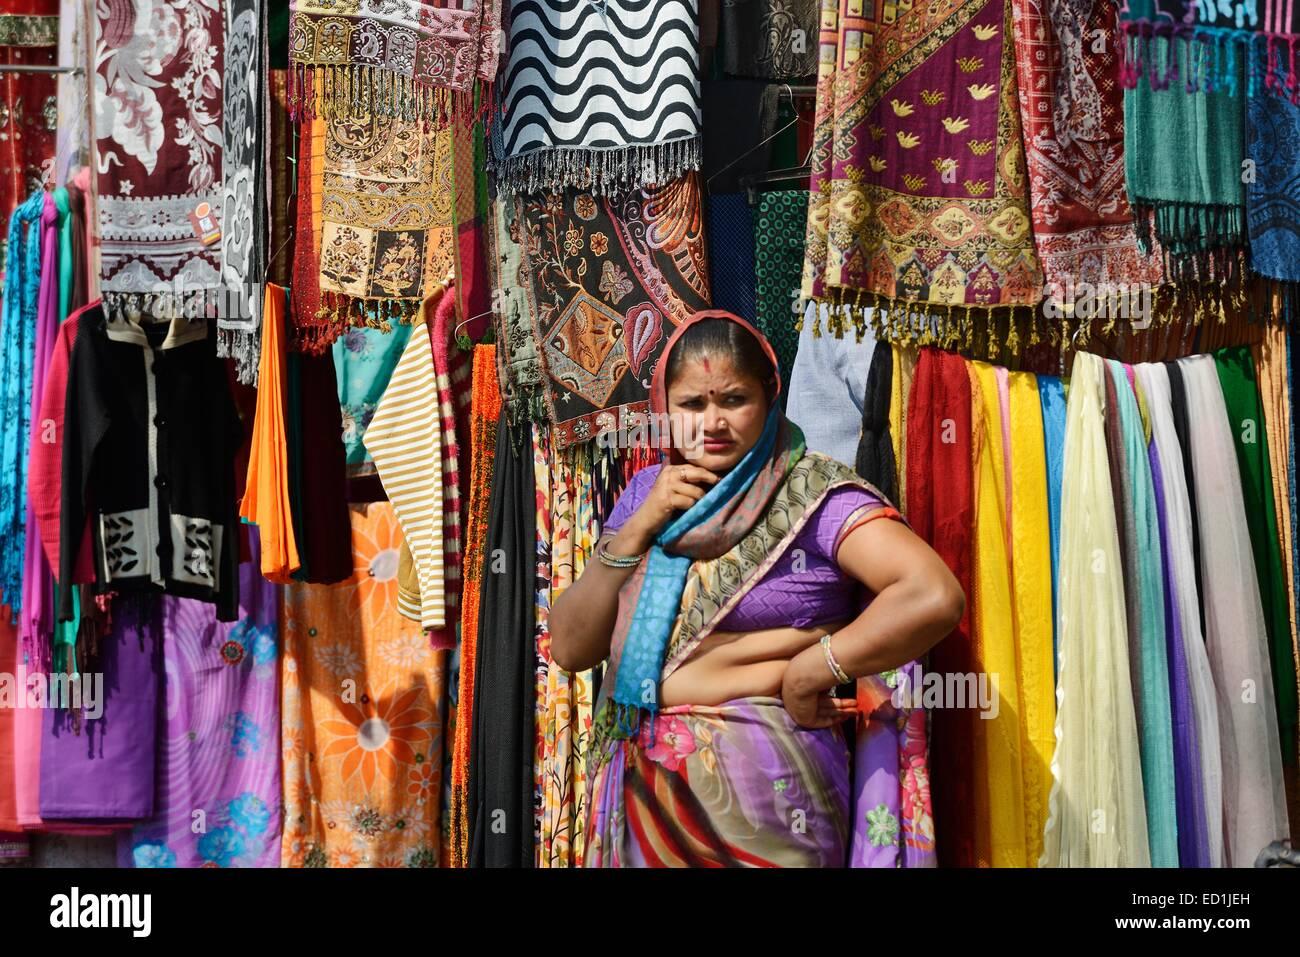 af4b987f66 India, Rajasthan, Mewar region, Bundi village, woman selling saris in a shop